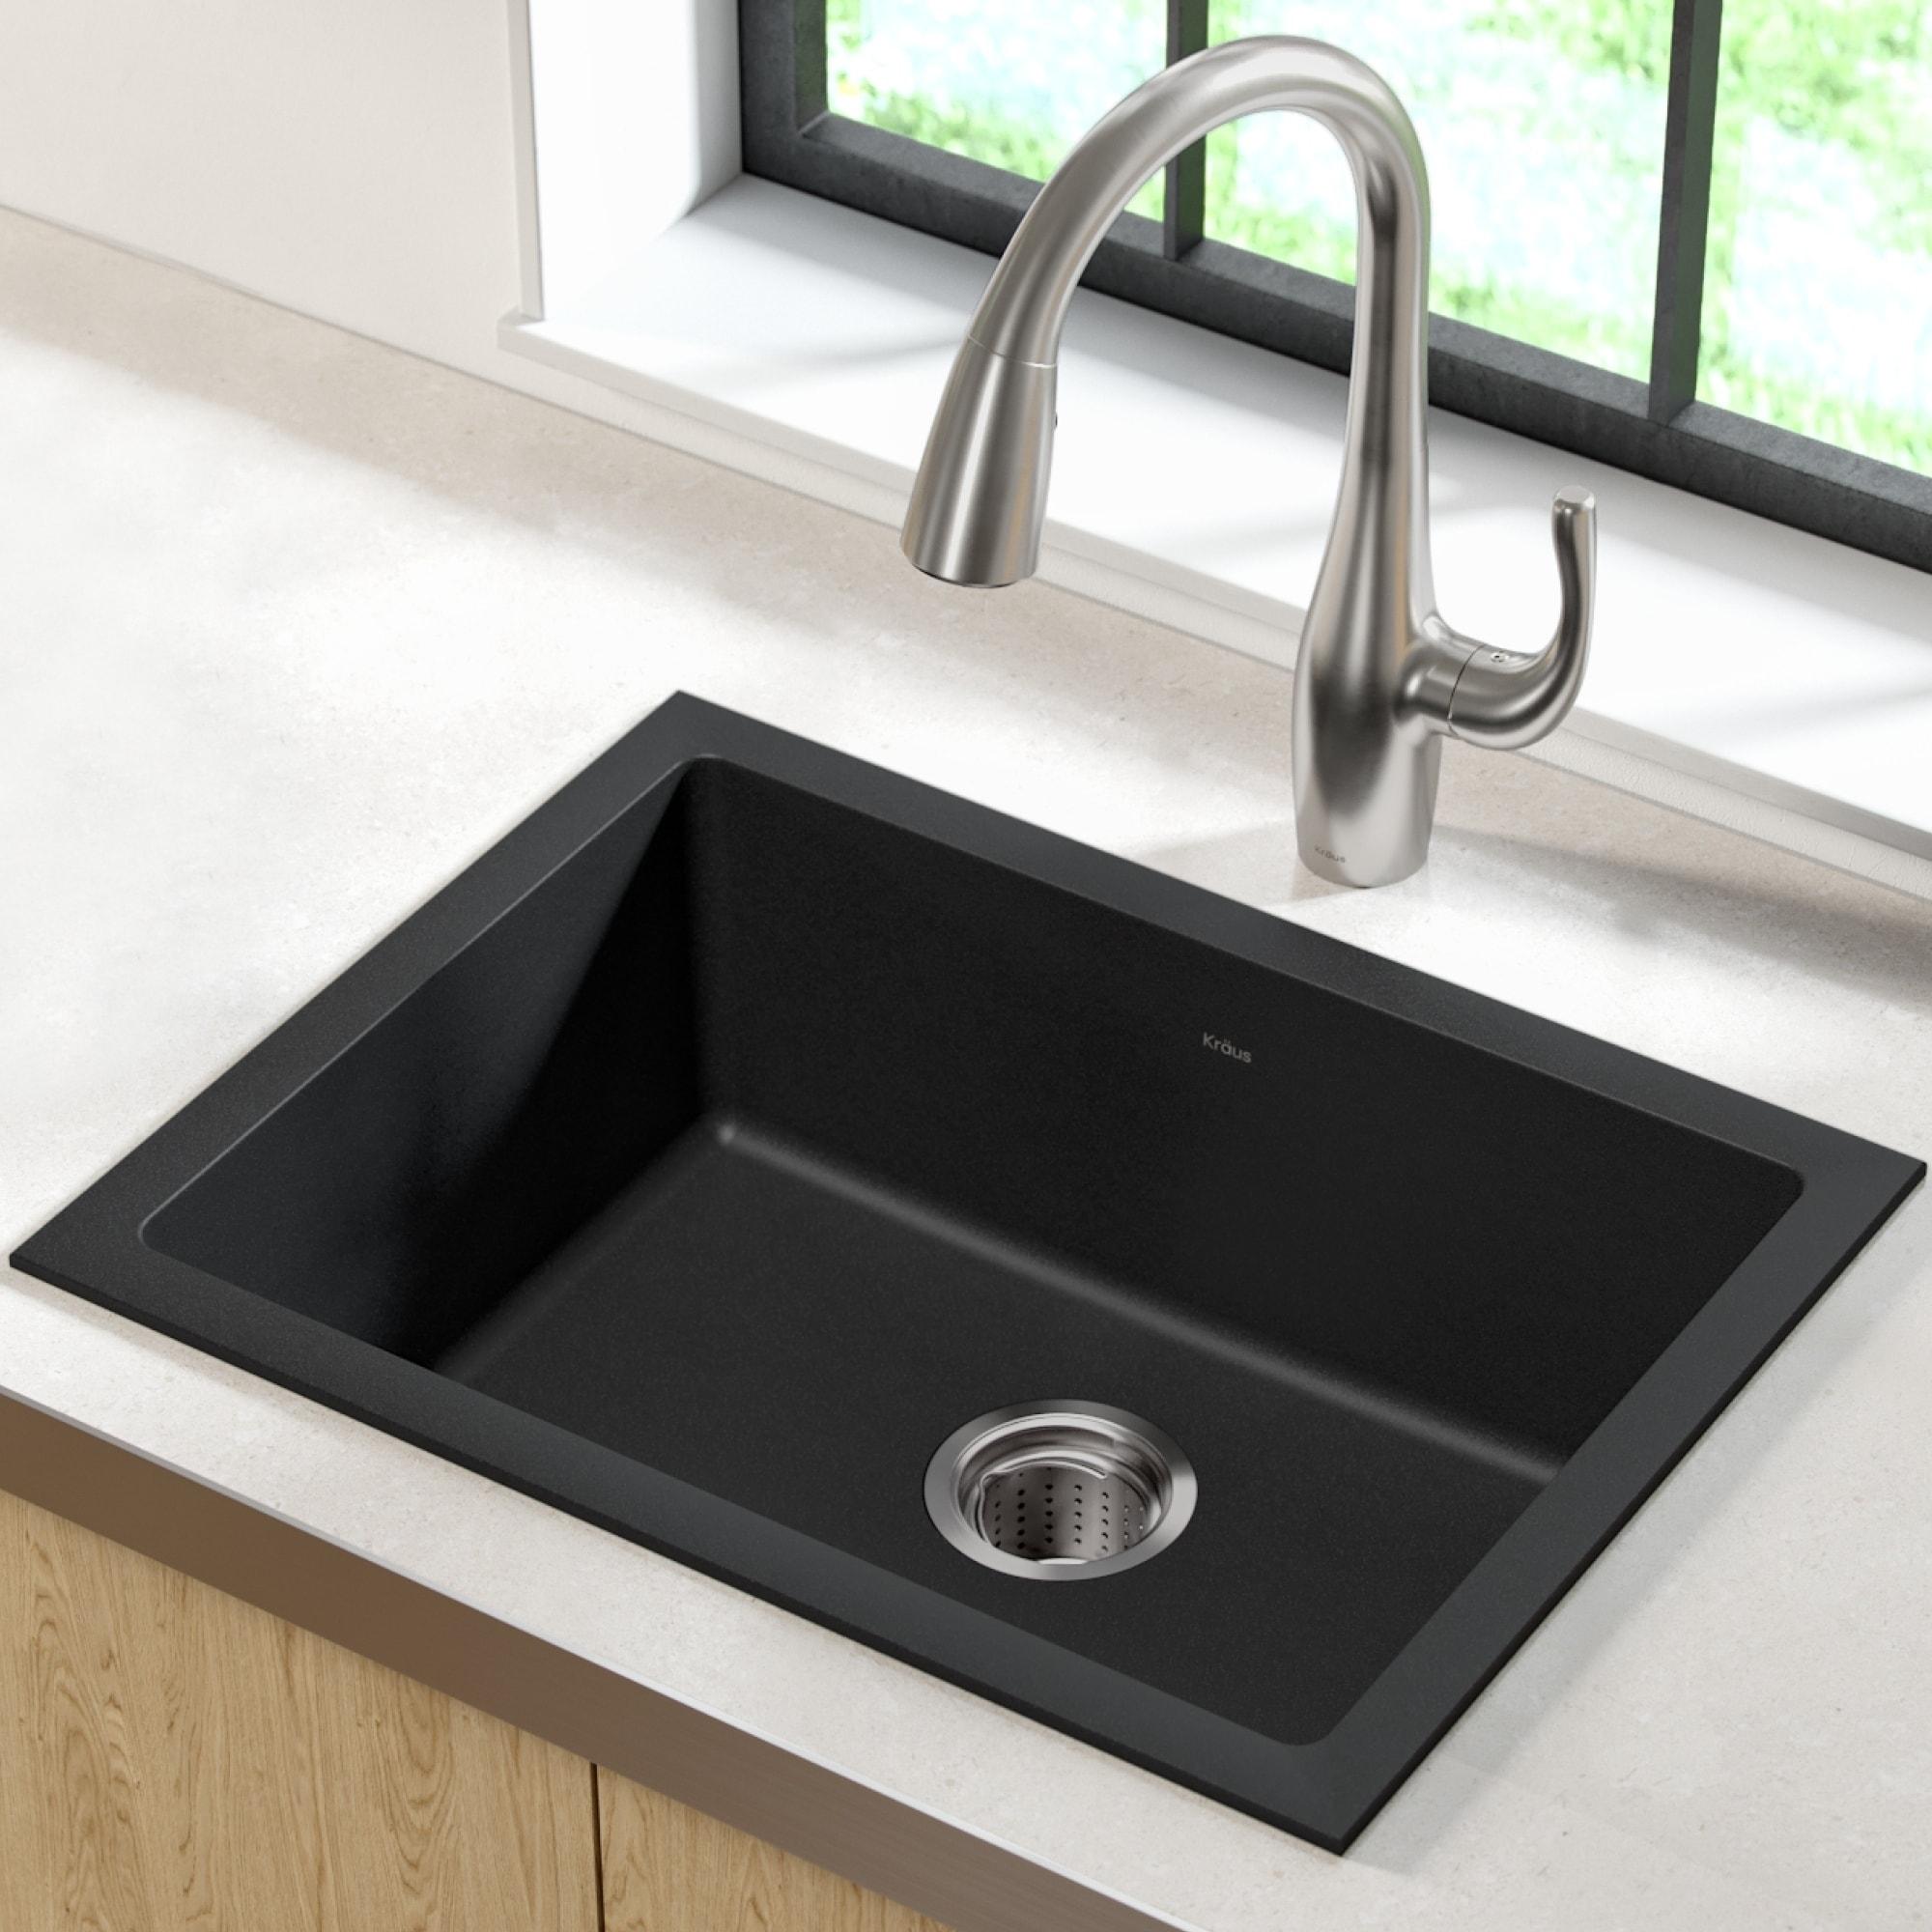 Kraus KGD-410B Undermount Drop-in 24 inch 1-Bowl Granite Kitchen Sink